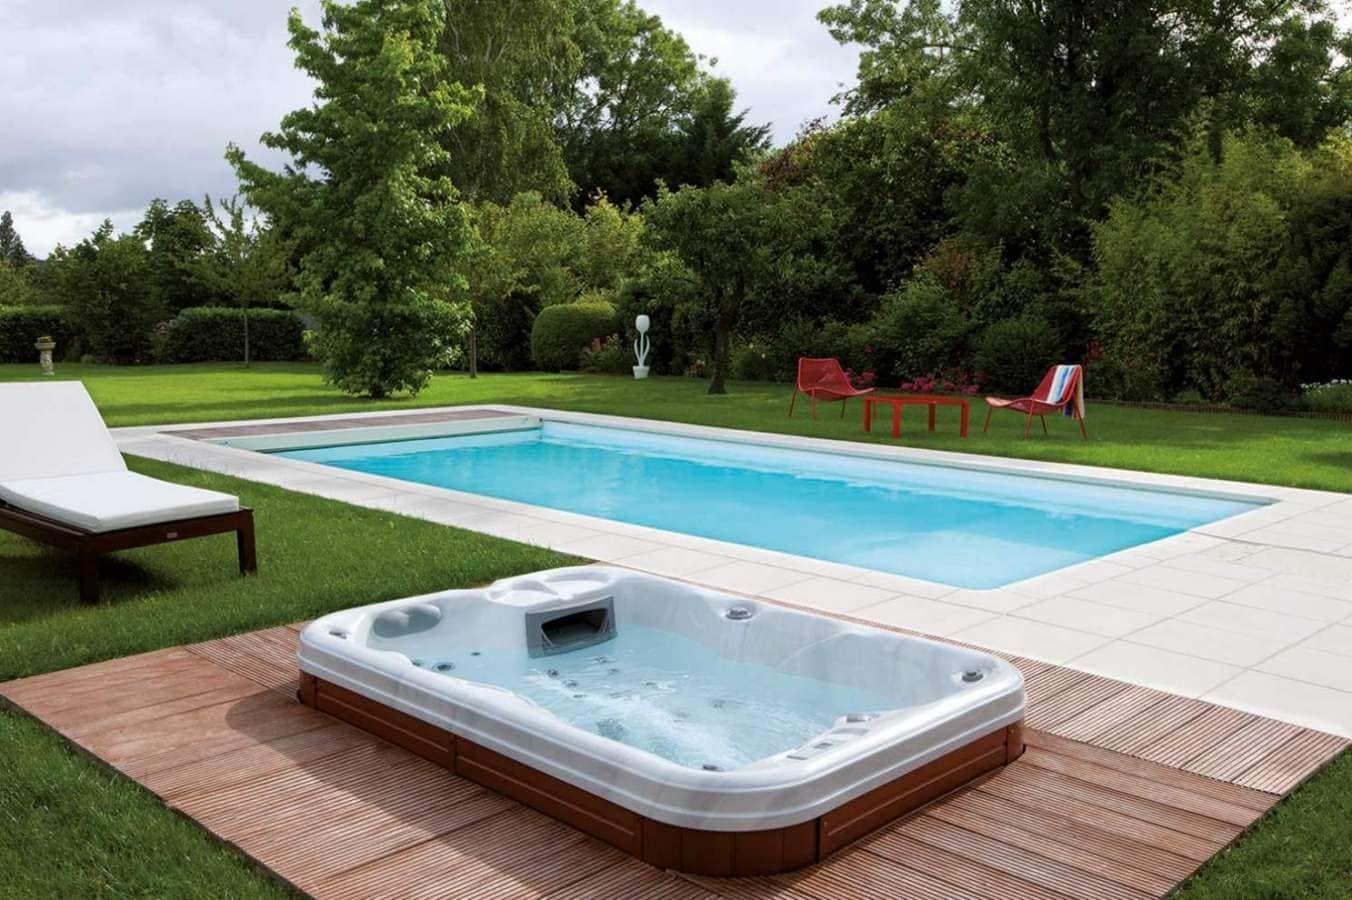 100 piscine couloir de nage desjoyaux couloir de nage polyester avec b - Couloir de nage desjoyaux ...